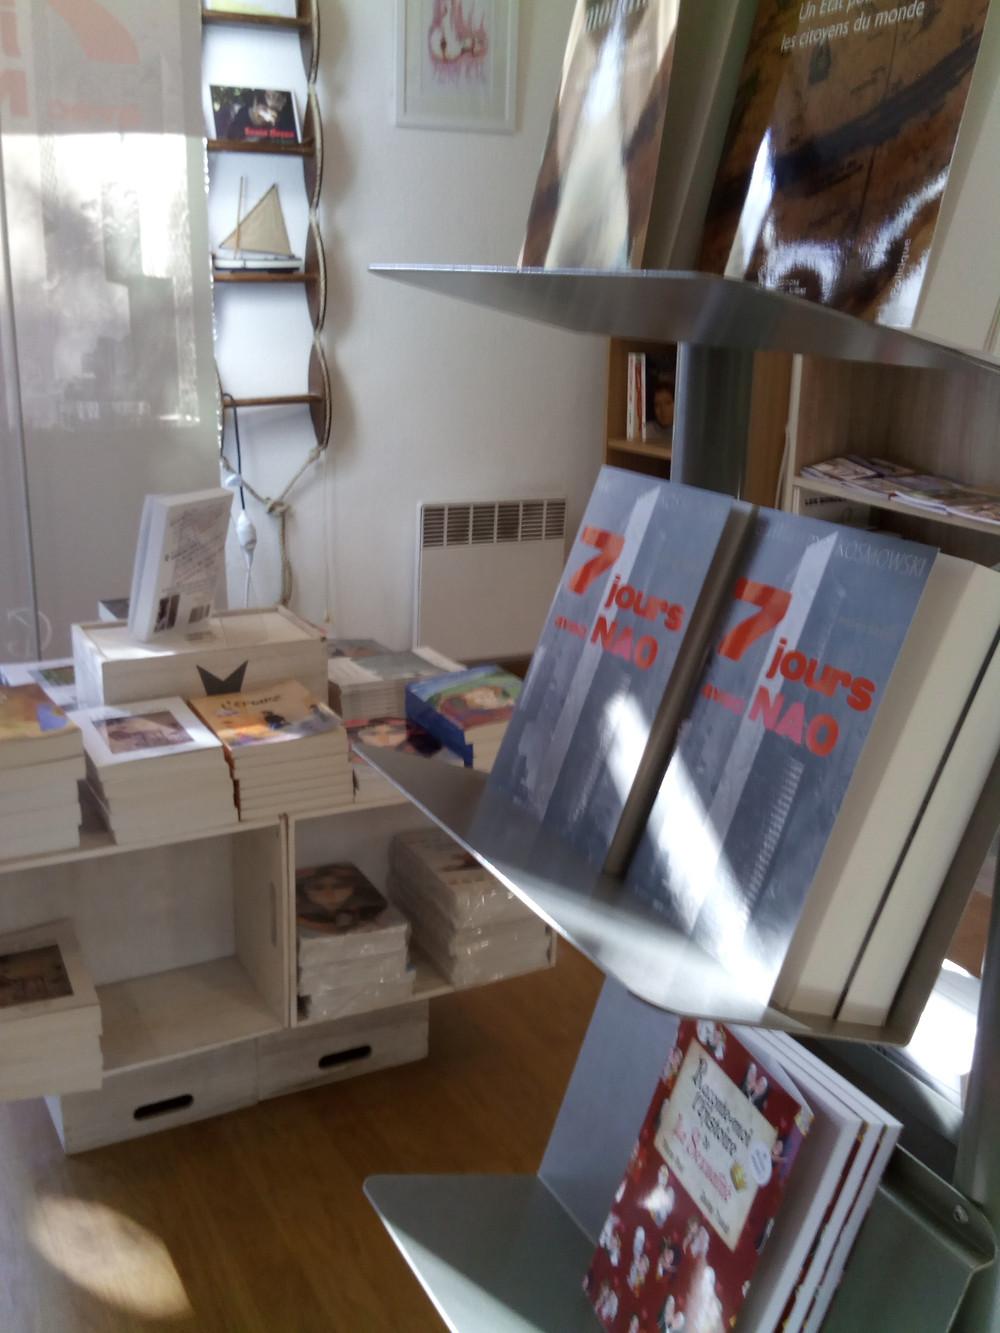 Mise en place de 7 jours avec Nao à la librairie Tapuscrit